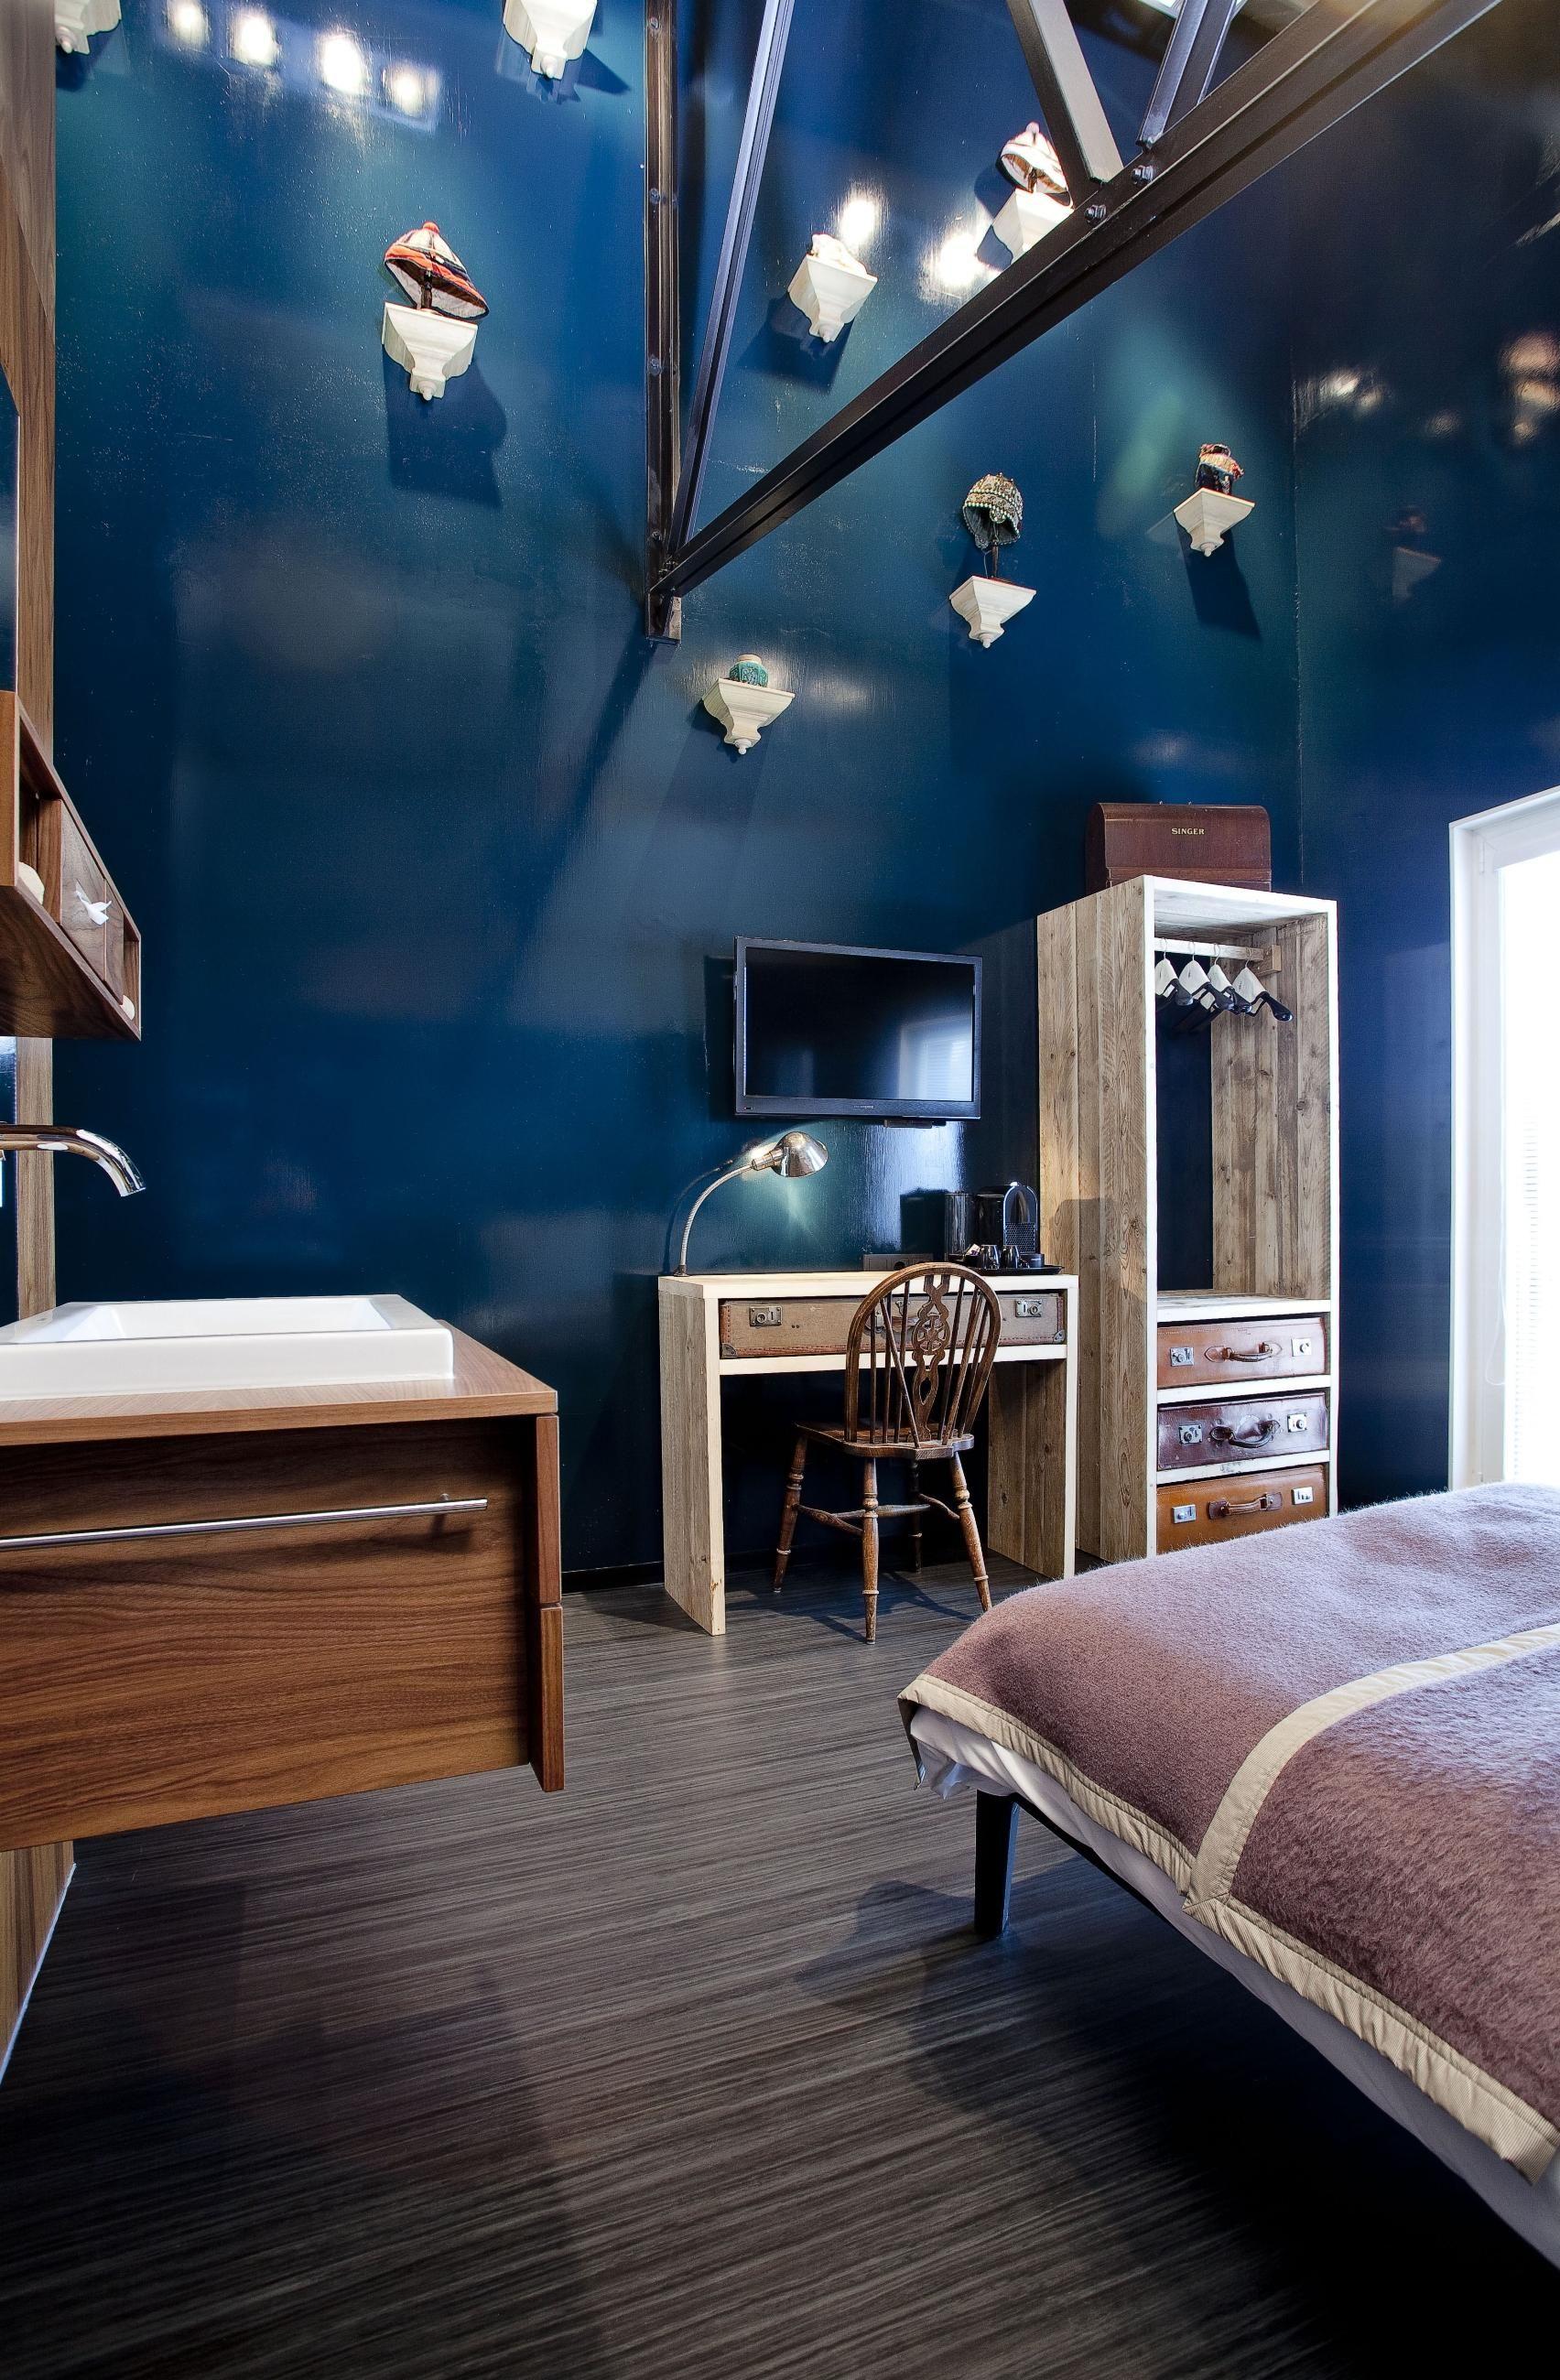 Modez mode design hotel arnhem forbo flooring forbo for Color design hotel paris